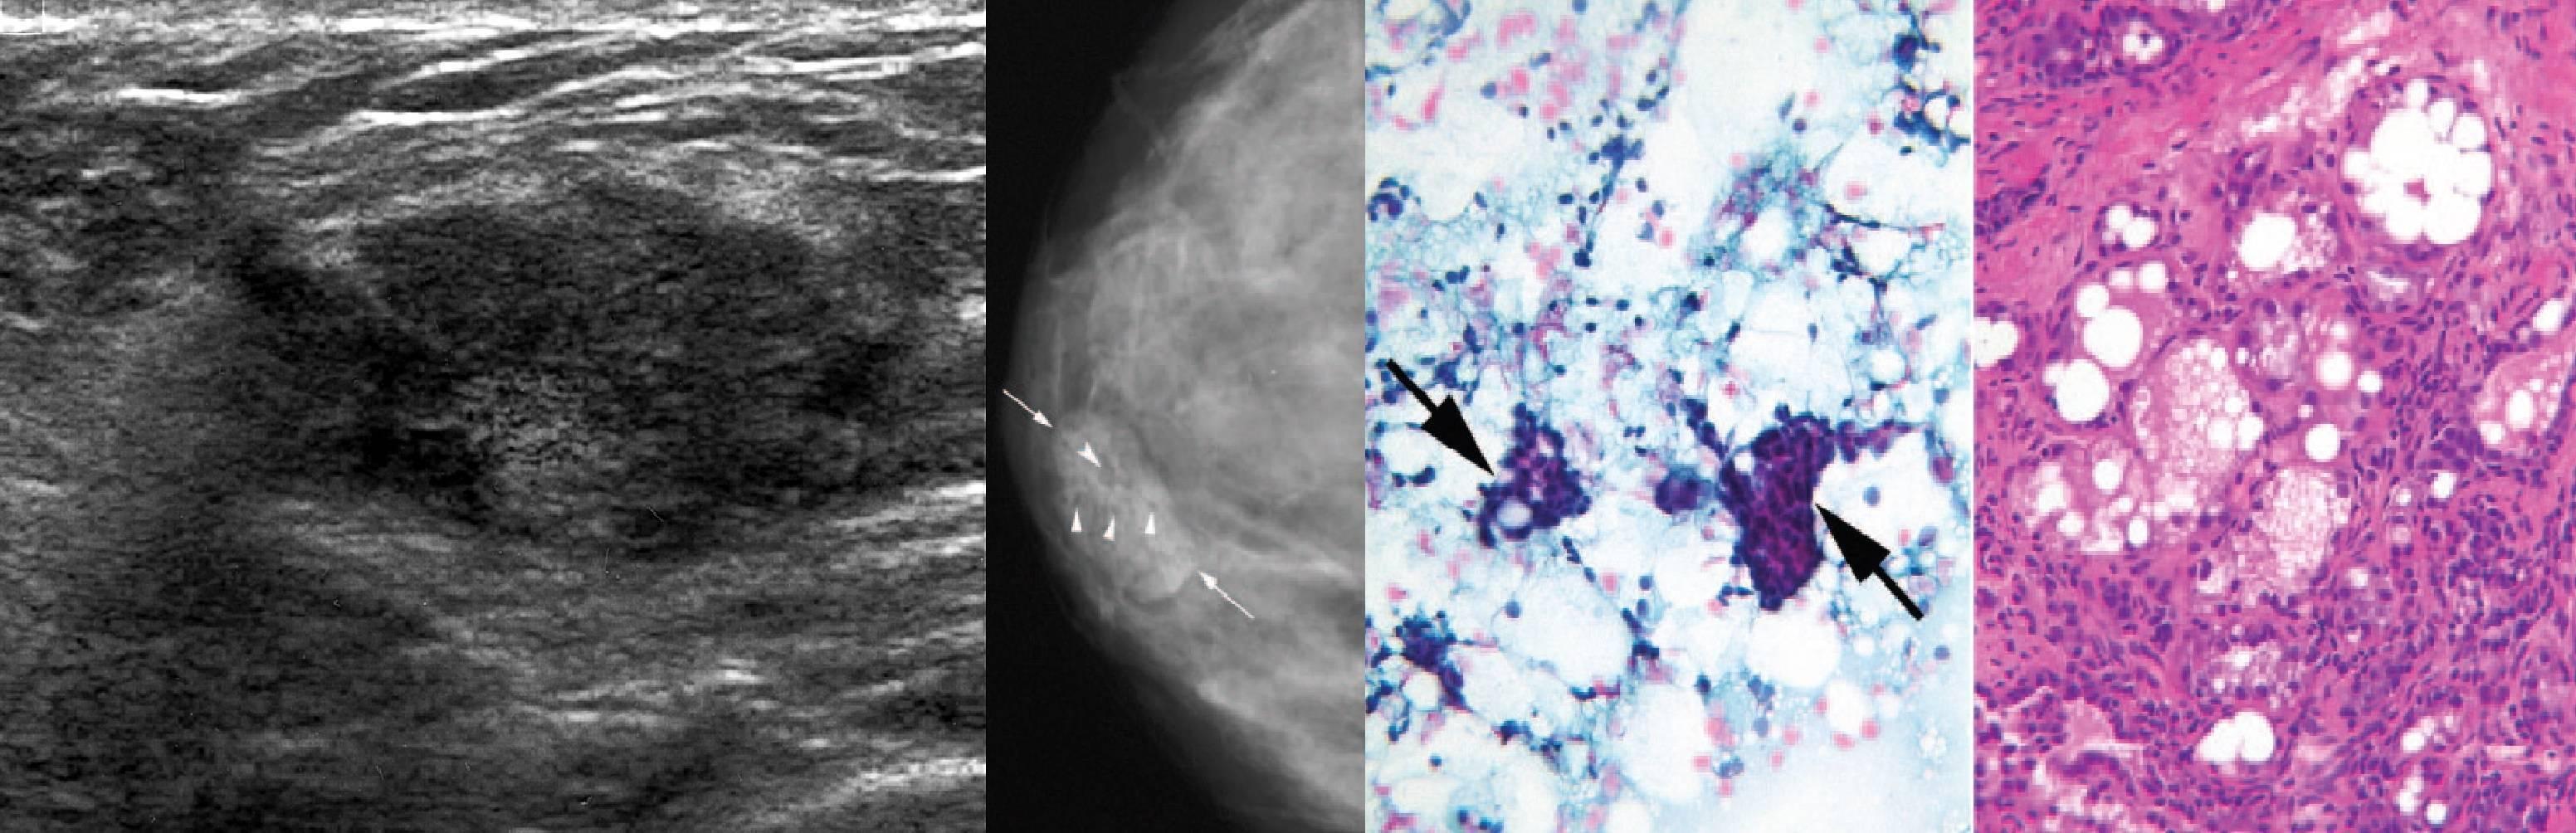 Аденома молочной железы: что это такое, как лечить, симптомы, обязательно ли удалять